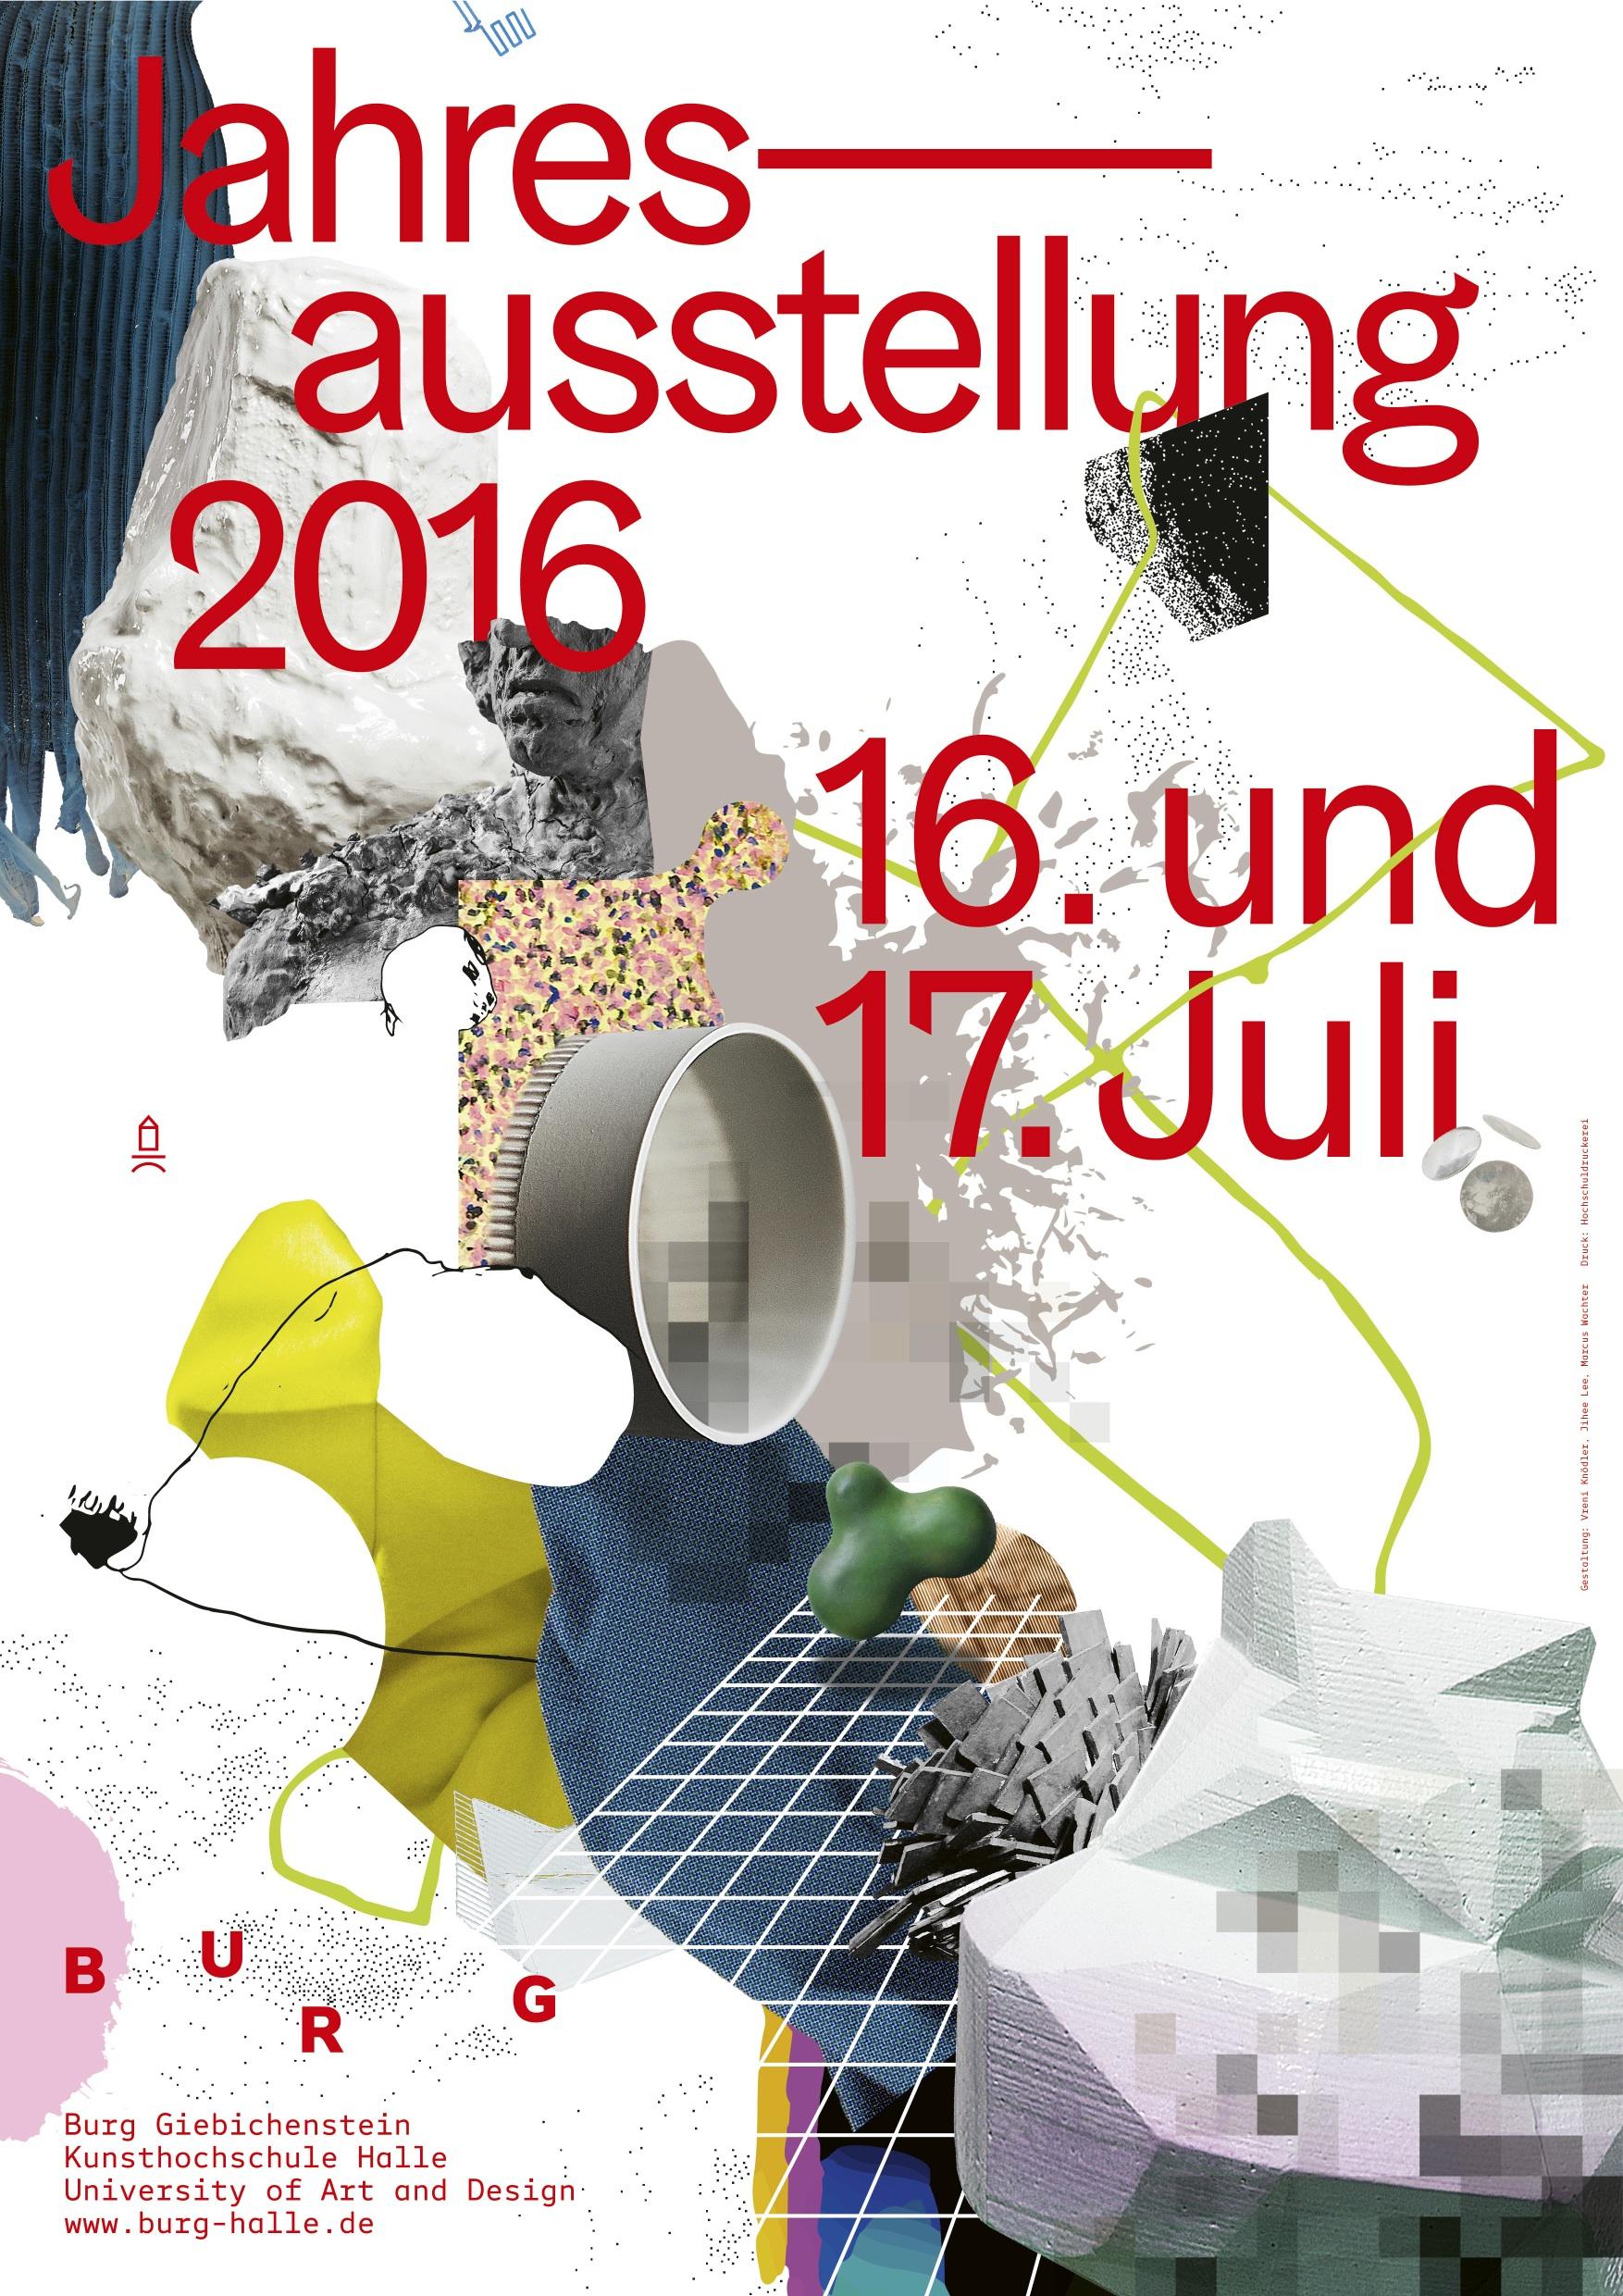 Flyer1_Jahresausstellung2016